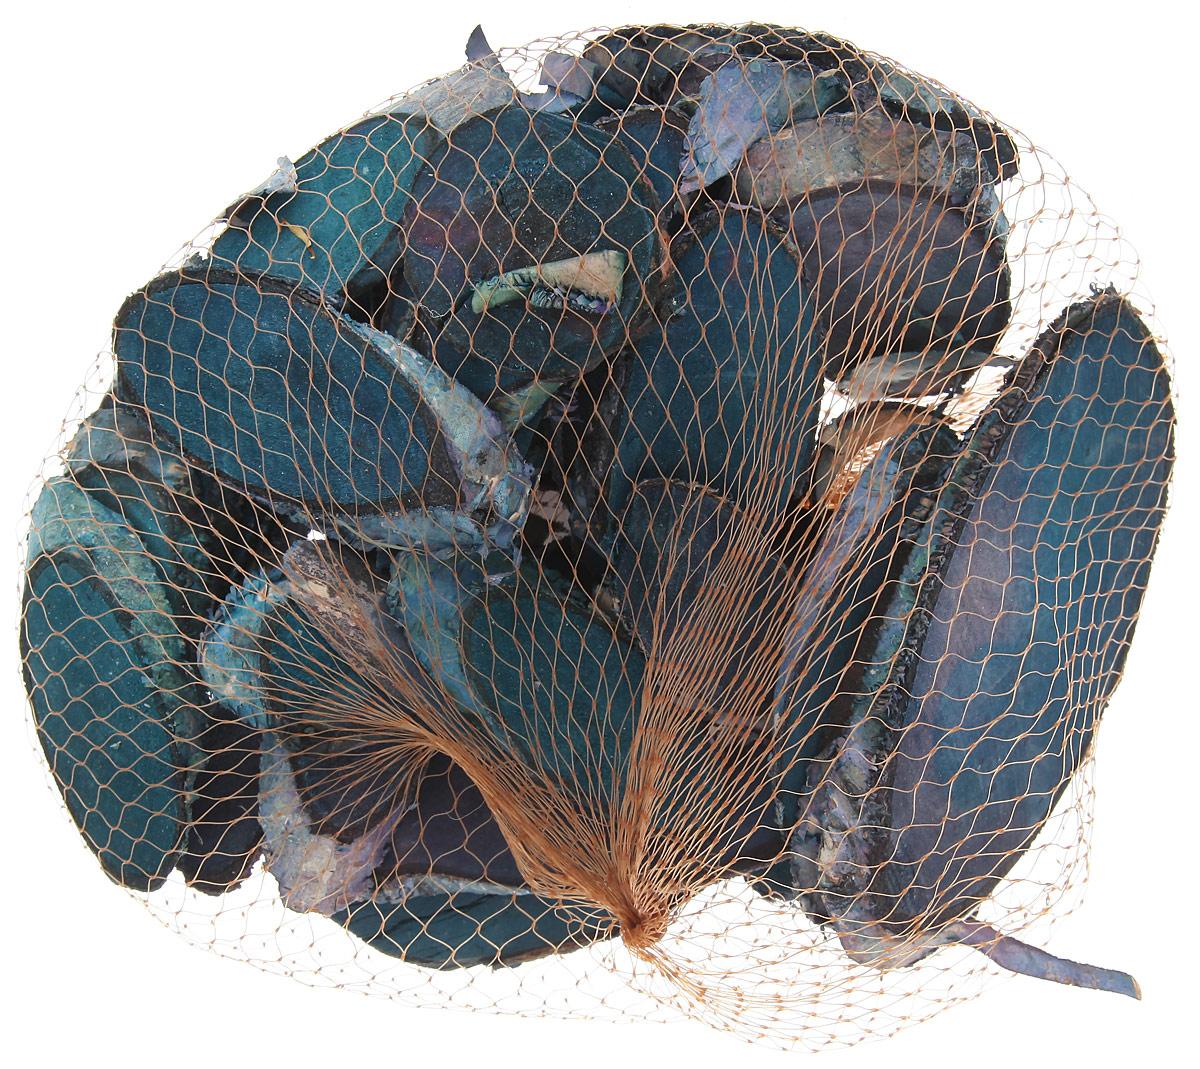 Декоративный элемент Dongjiang Art Срез ветки, цвет: синий, толщина 7 мм, 250 г7708981_синийДекоративный элемент Dongjiang Art Срез ветки изготовлен из дерева.Изделие предназначено для декорирования. Срез может пригодиться во флористике и многом другом. Декоративный элемент представляет собой тонкий срез ветки. Флористика - вид декоративно-прикладного искусства, который использует живые, засушенные или консервированные природные материалы для создания флористических работ. Это целый мир, в котором есть место и строгому математическому расчету, и вдохновению, полету фантазии. Толщина среза: 7 мм.